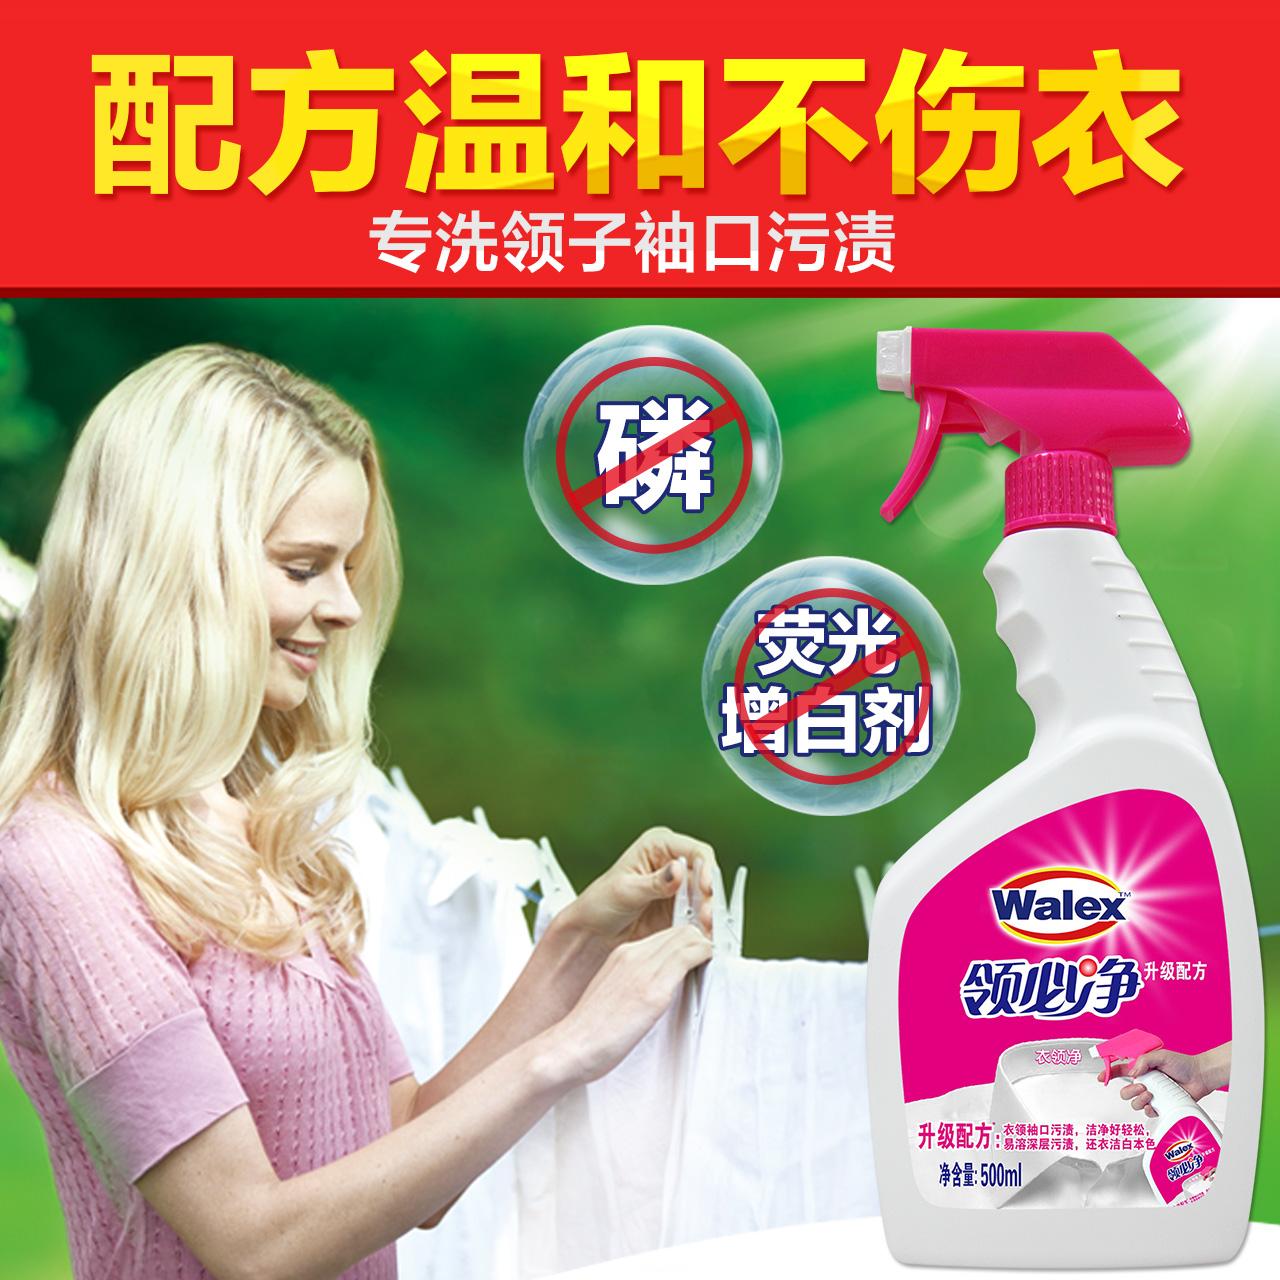 威洁士衣领净家庭套装衣领袖口去油去污去渍衣领袖口专用500ml*2